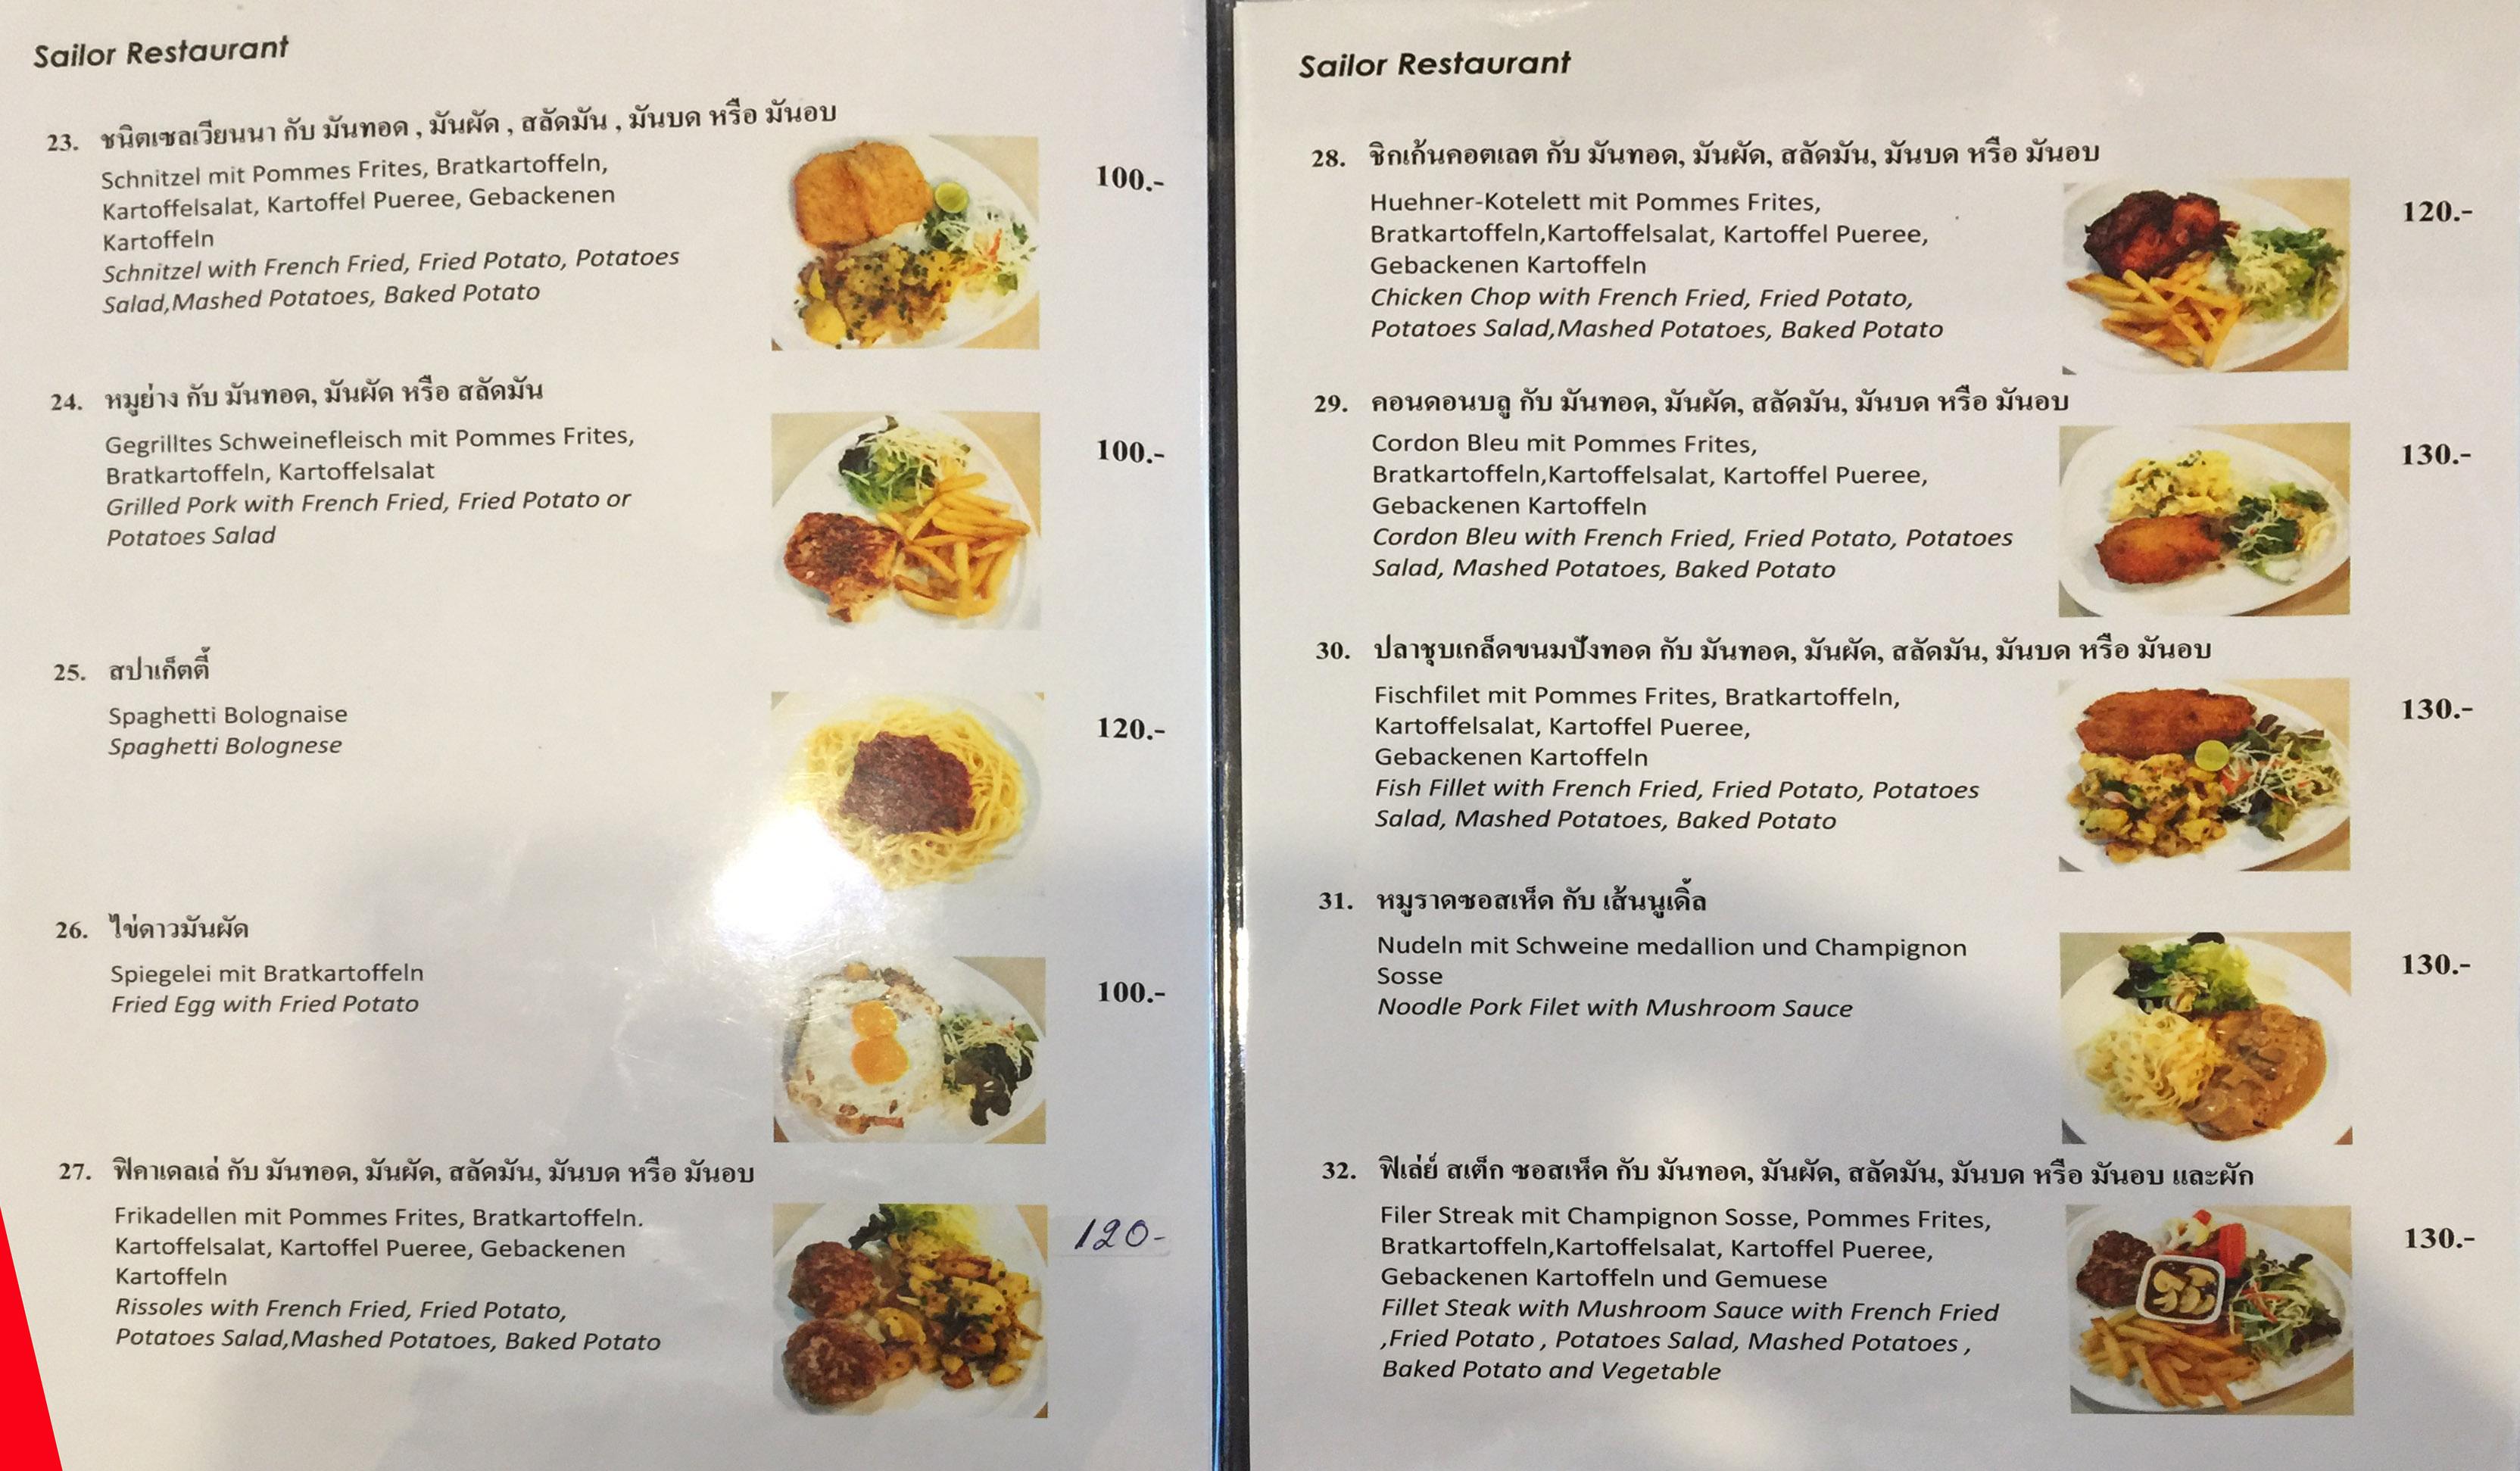 Preise / Menü in der Soi 8 Pattaya